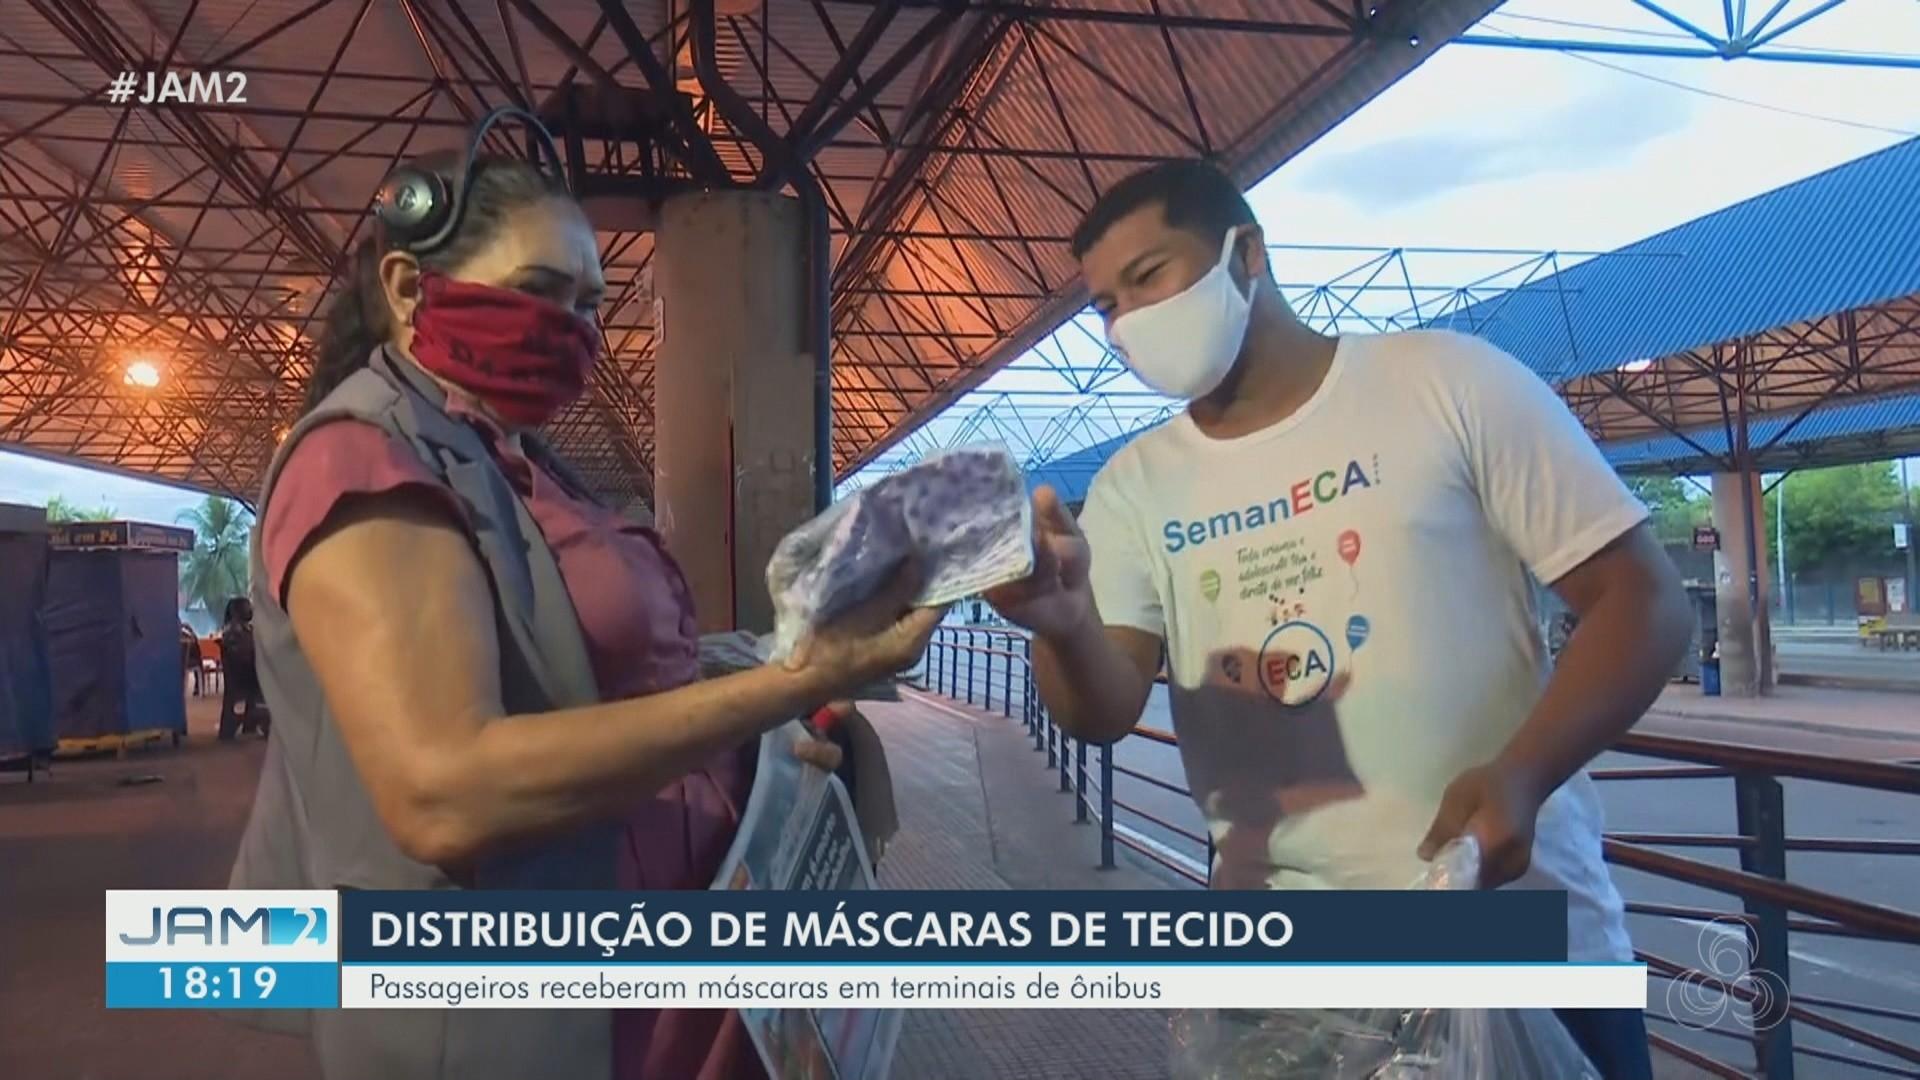 VÍDEOS: Parte do comércio volta a funcionar em Manaus; veja destaques do JAM 2